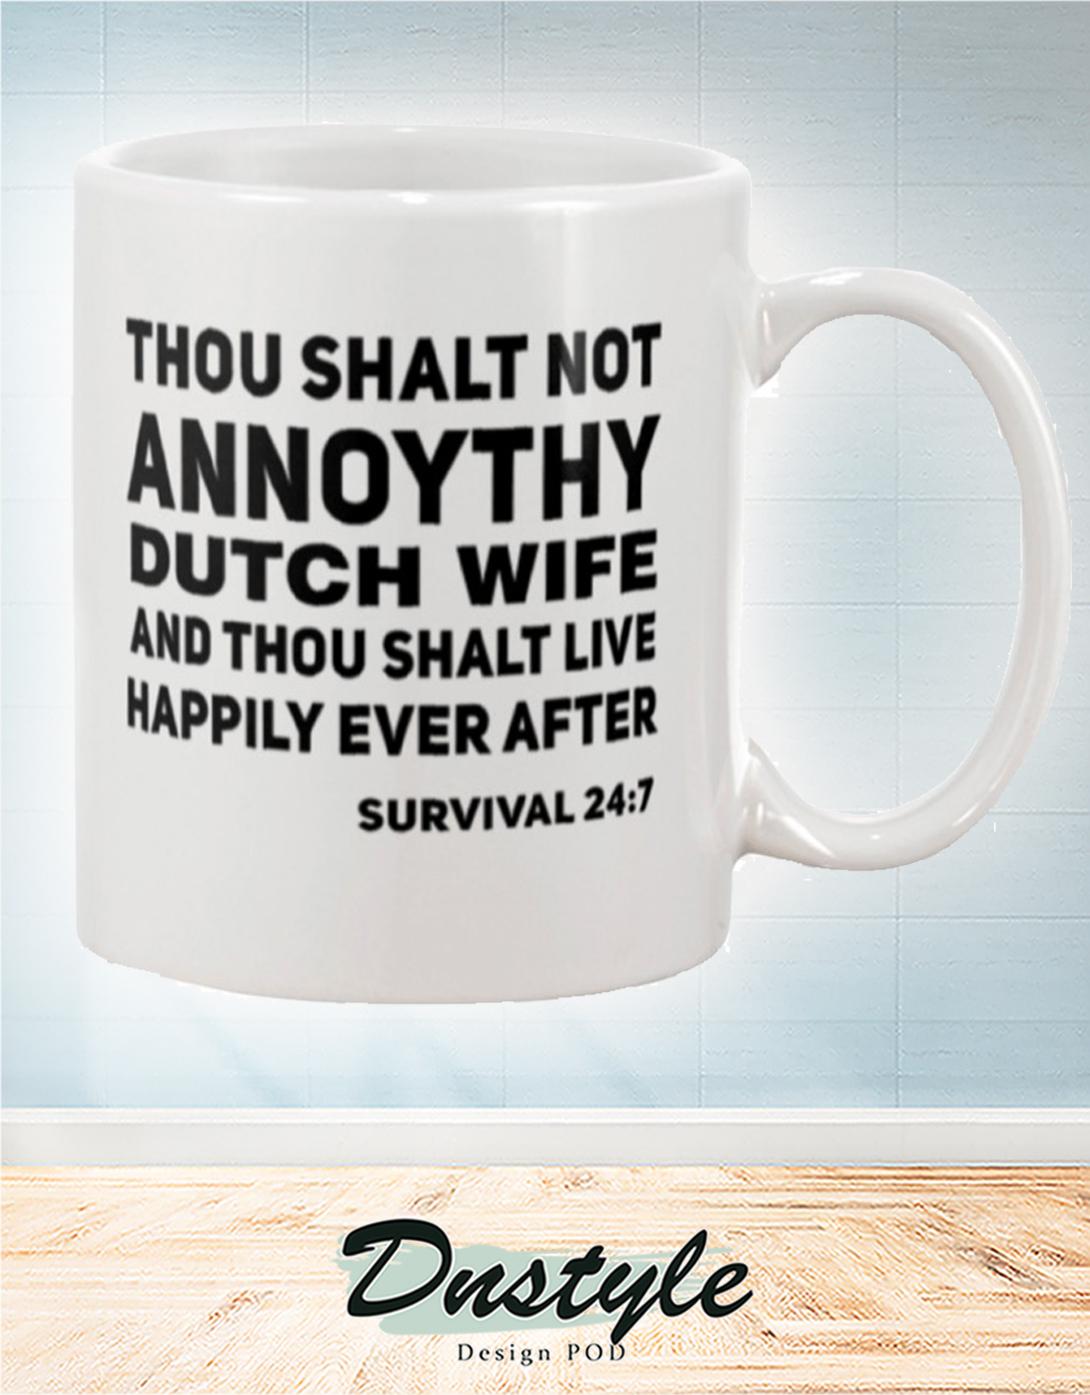 Thou shalt not annoythy dutch wife mug